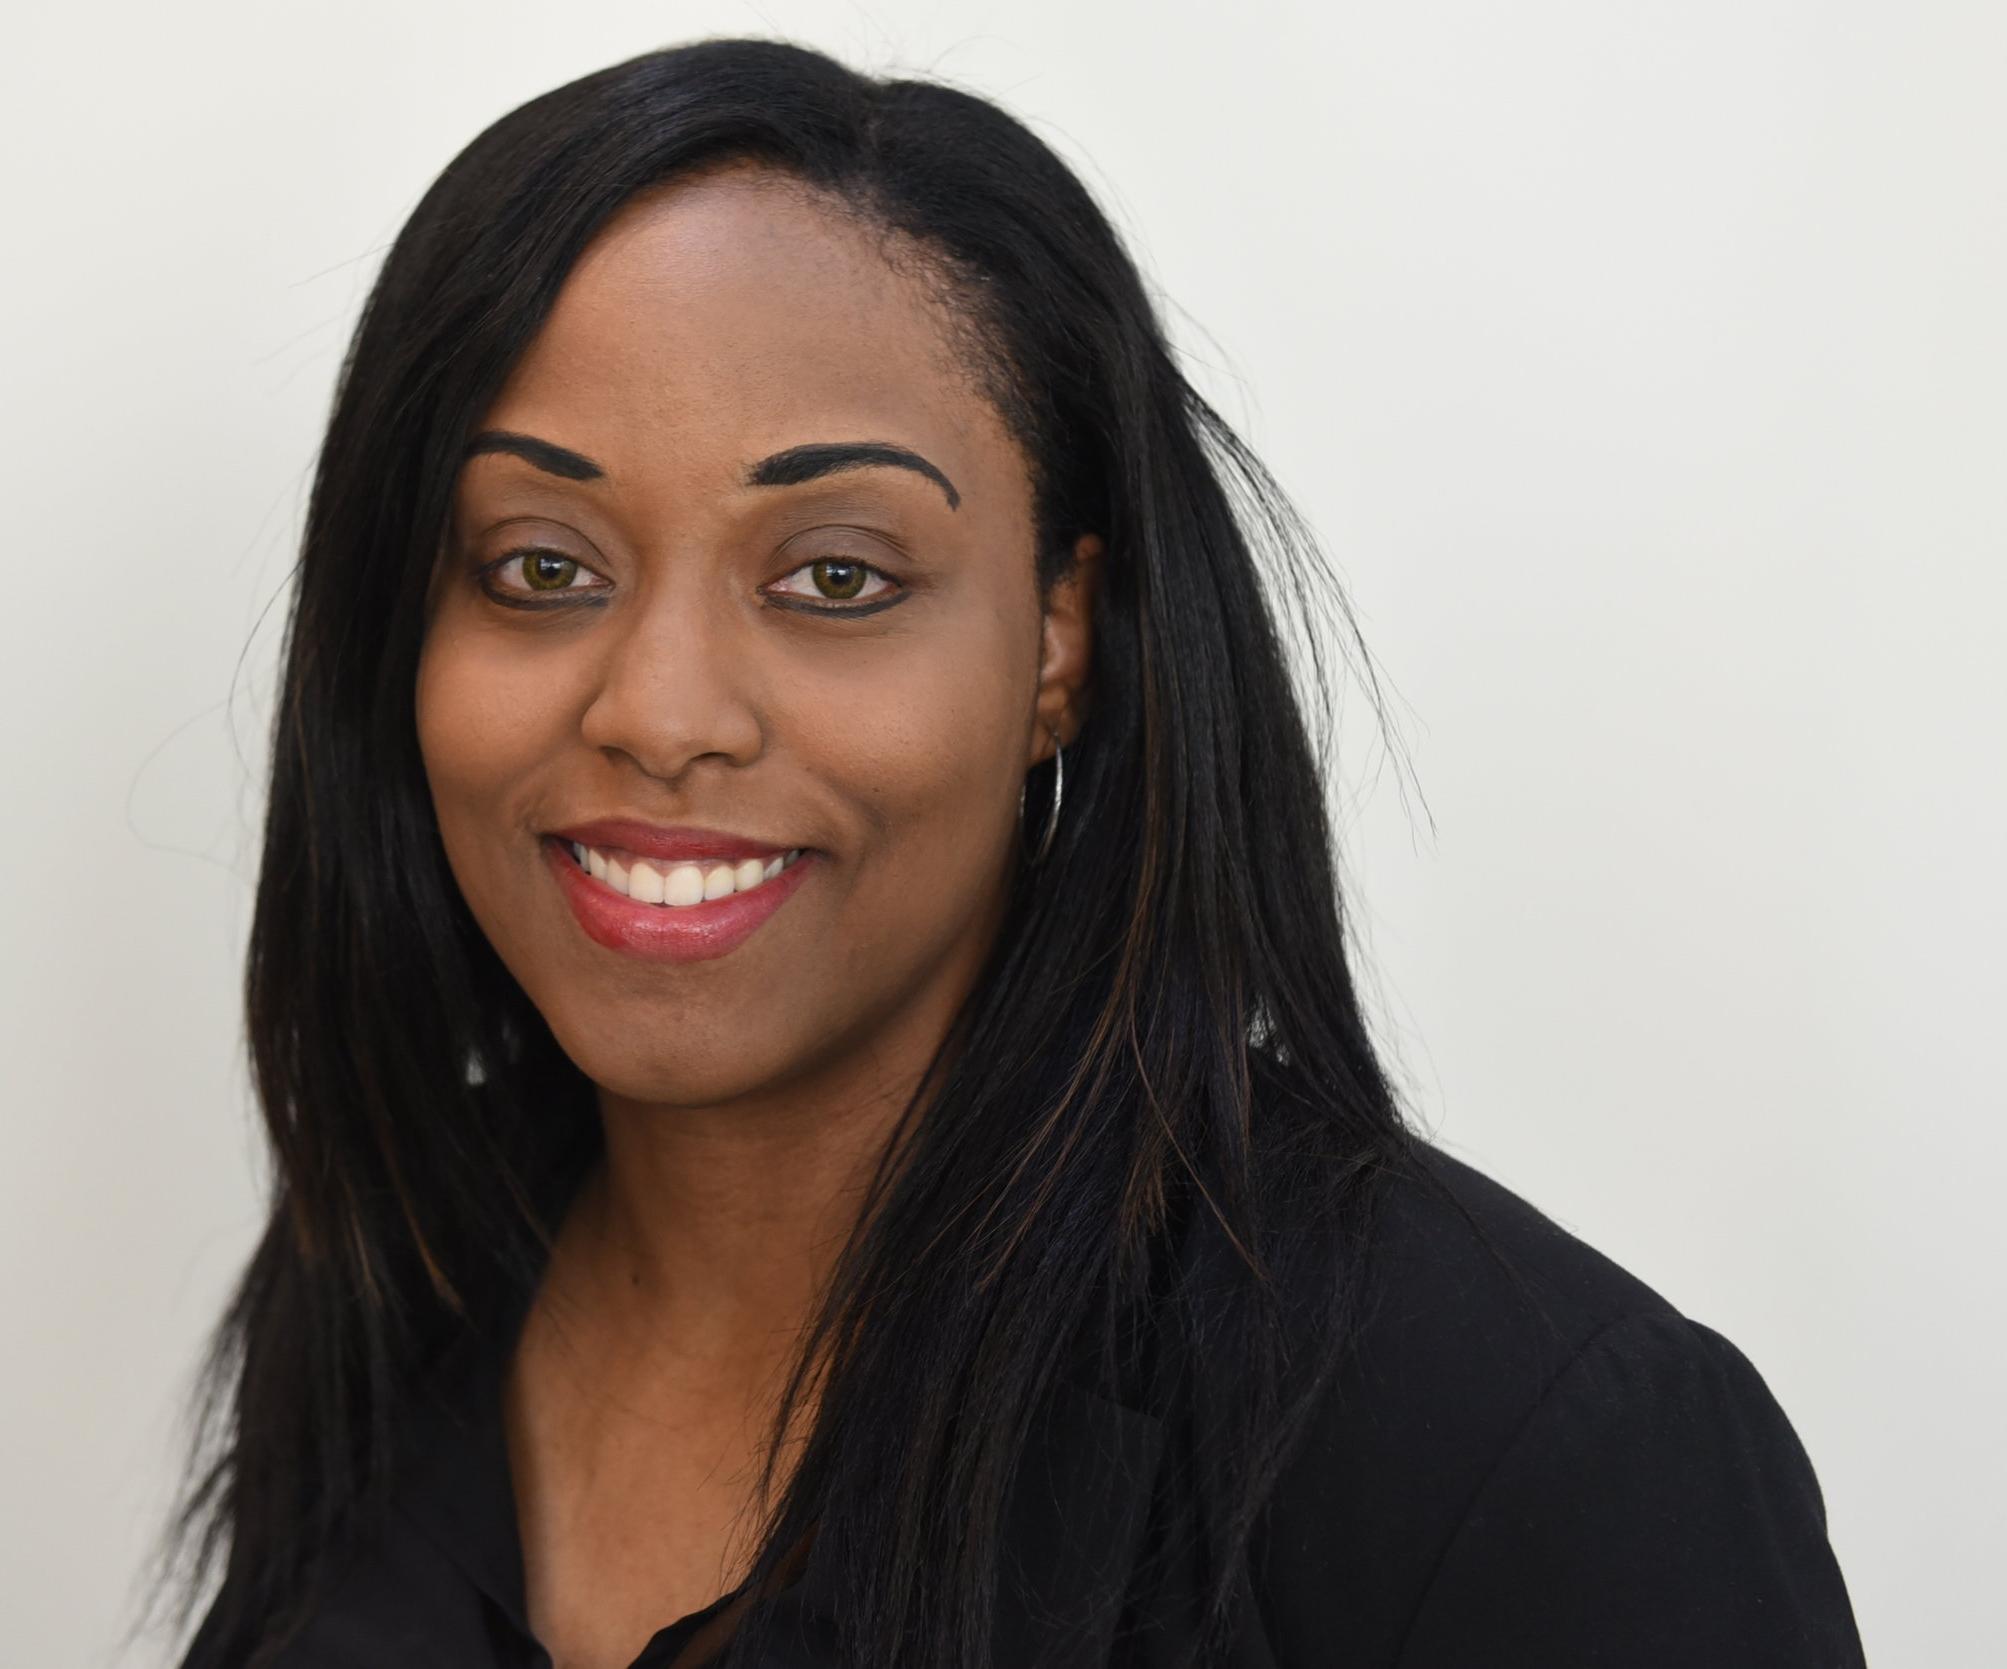 Shauna-Kay Jones